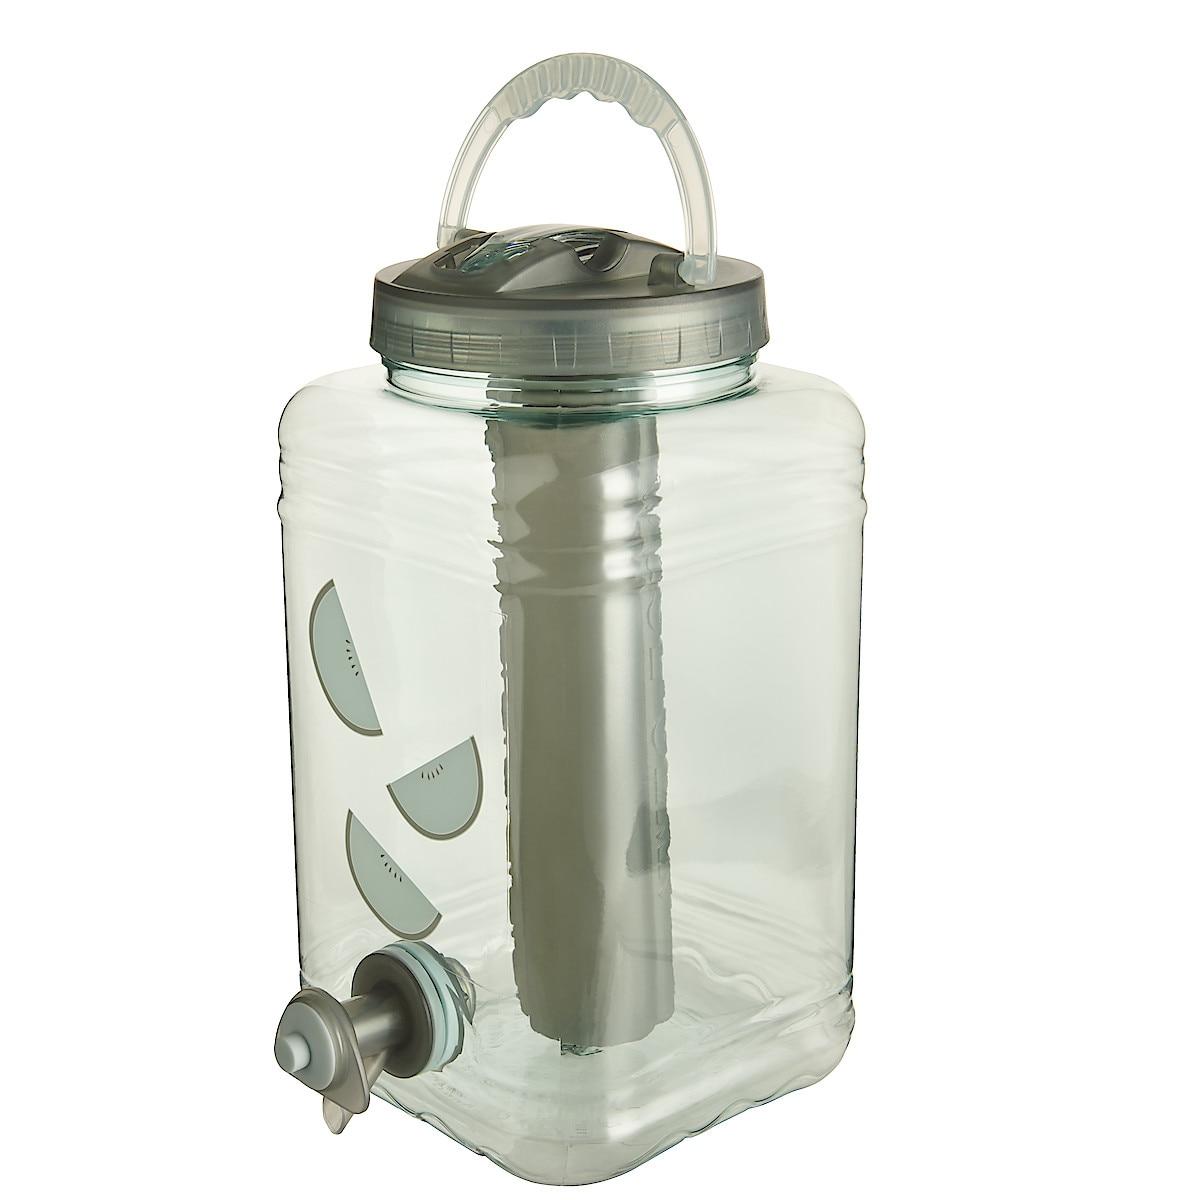 Vann-/saftbeholder med kjøleblokk